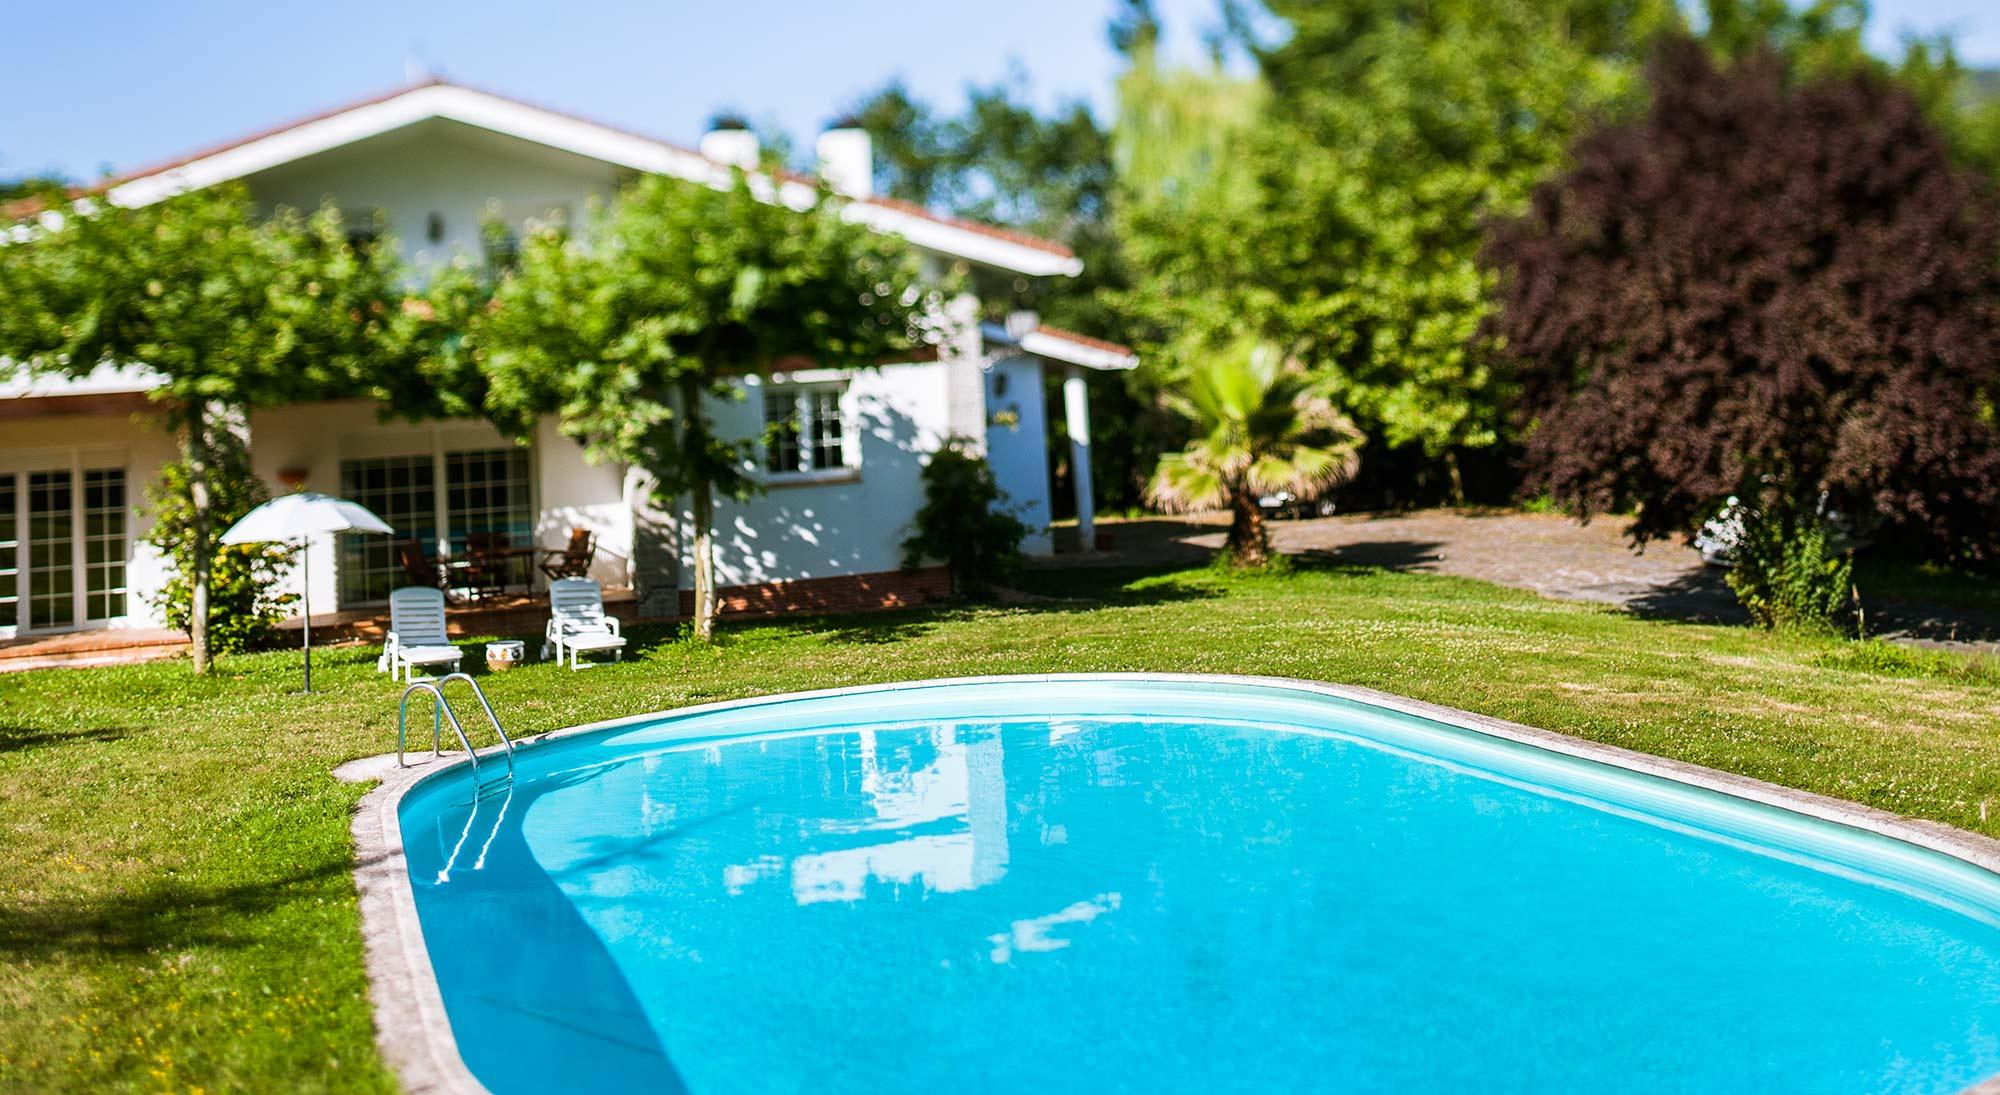 Cr Usko piscina y Jardin